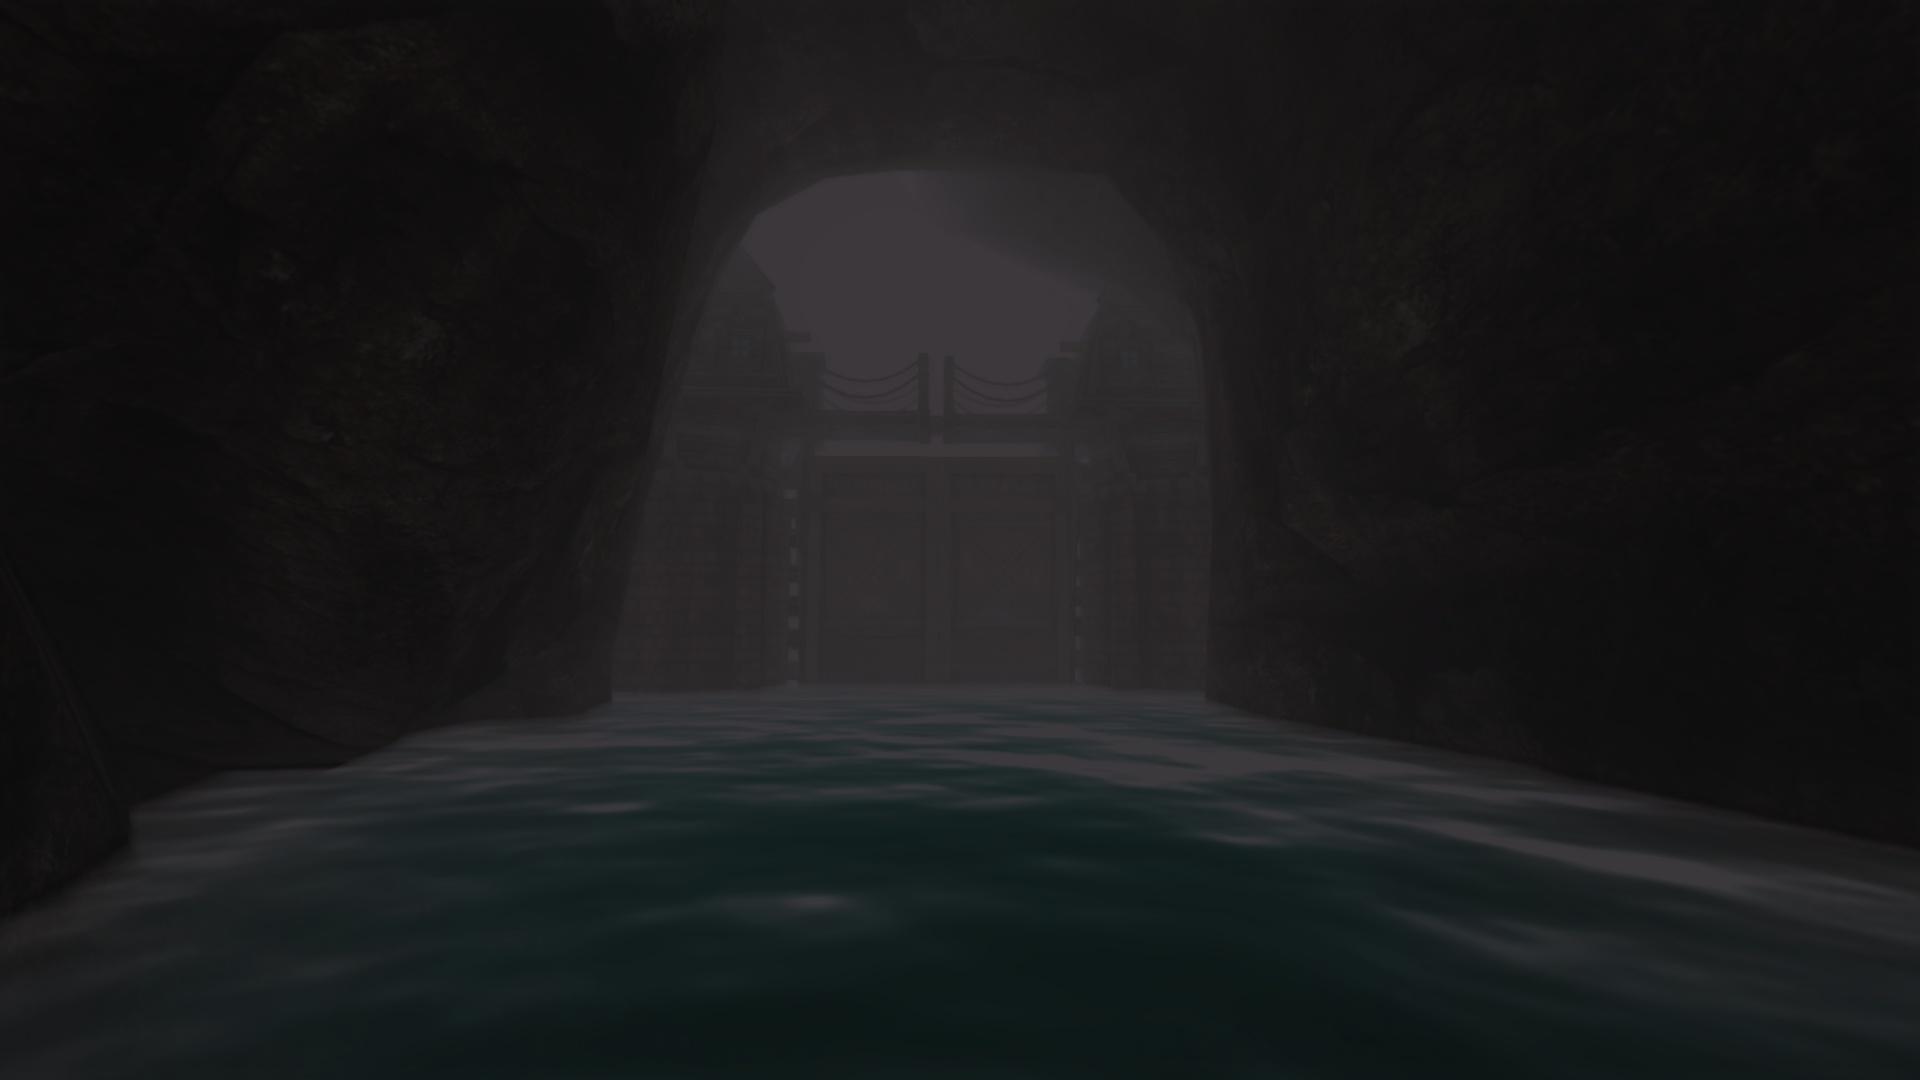 Oblivion20200415 173147 (2)